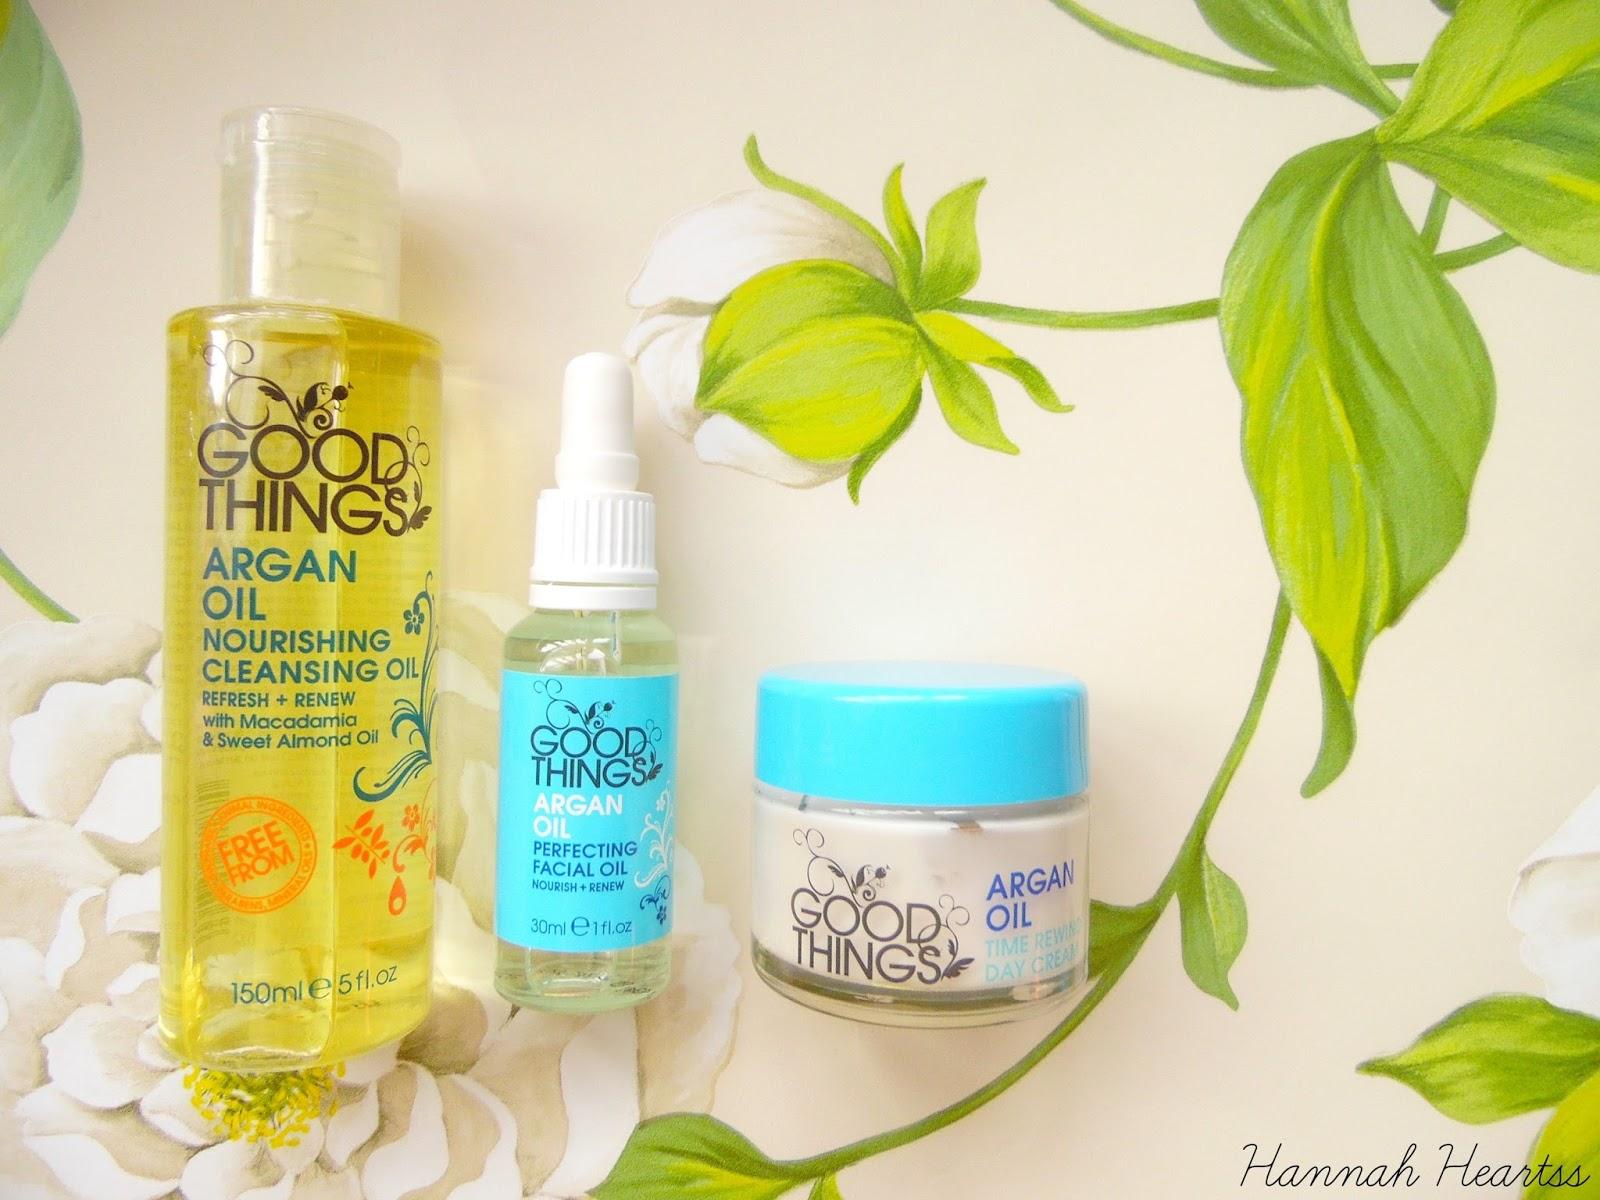 Good Things Argan Oil Skincare